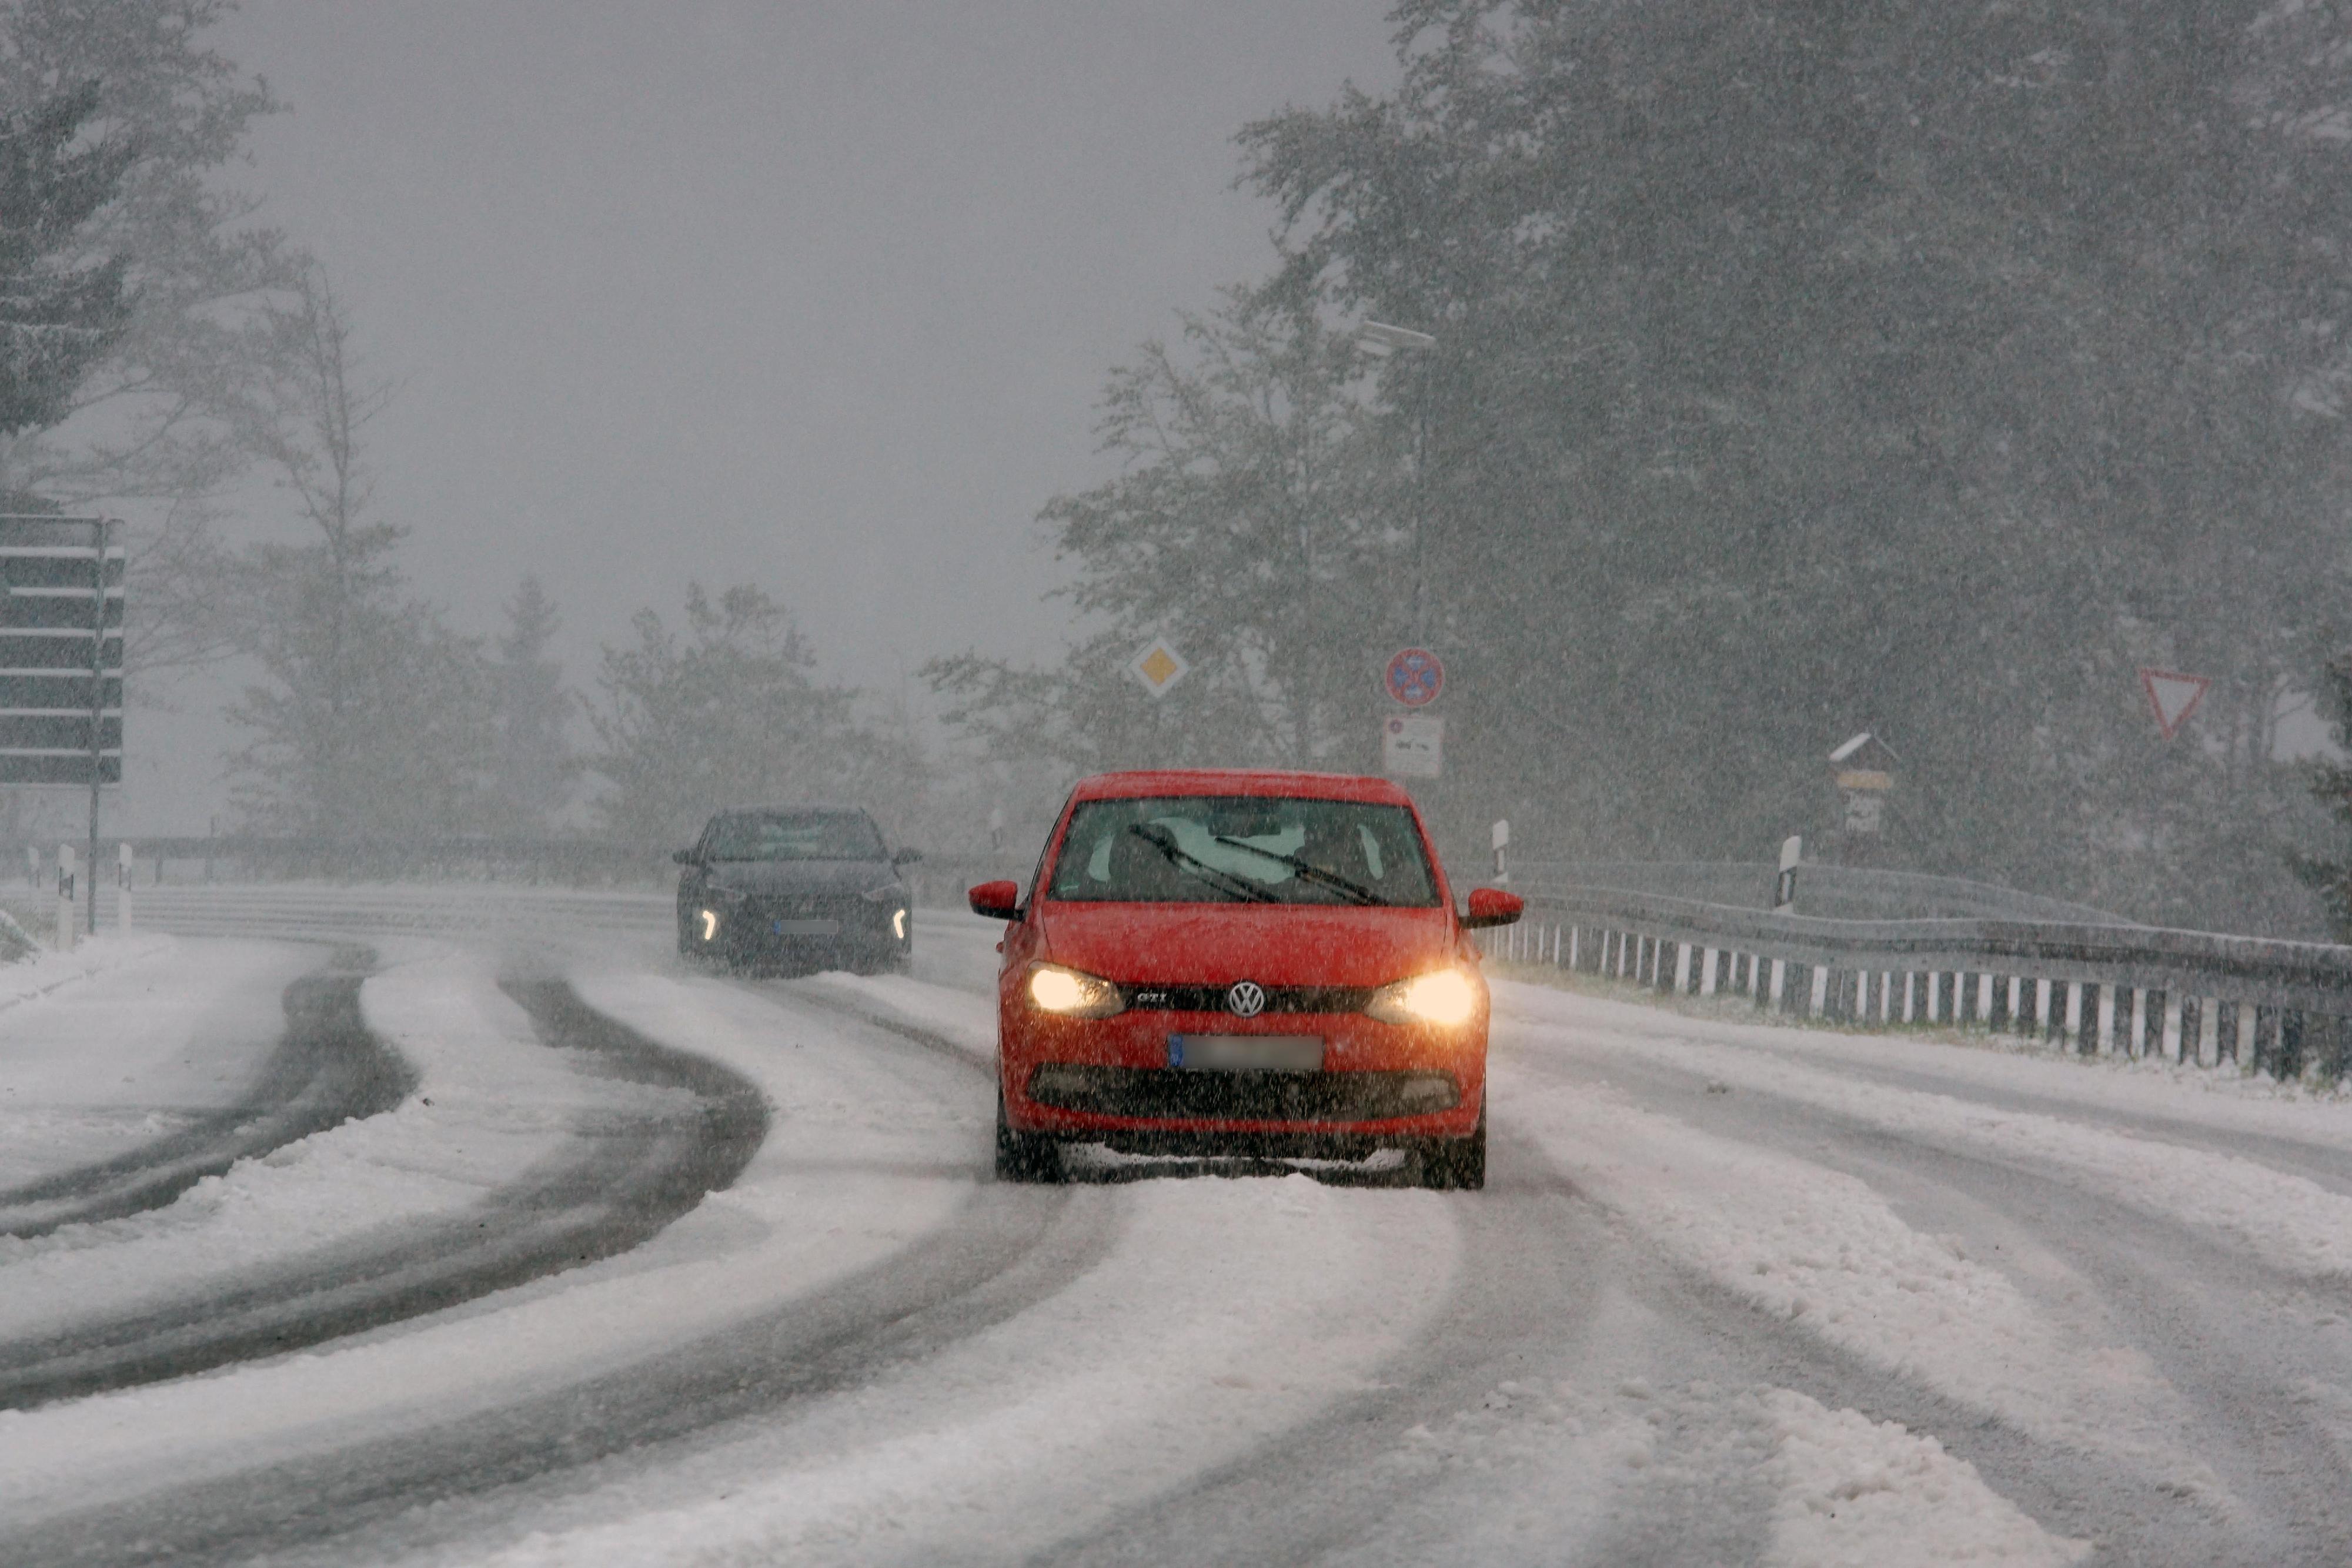 Wetter-Experte warnt: Bis zu 20 Zentimeter Neuschnee in Bayern möglich - München vor Temperatursturz